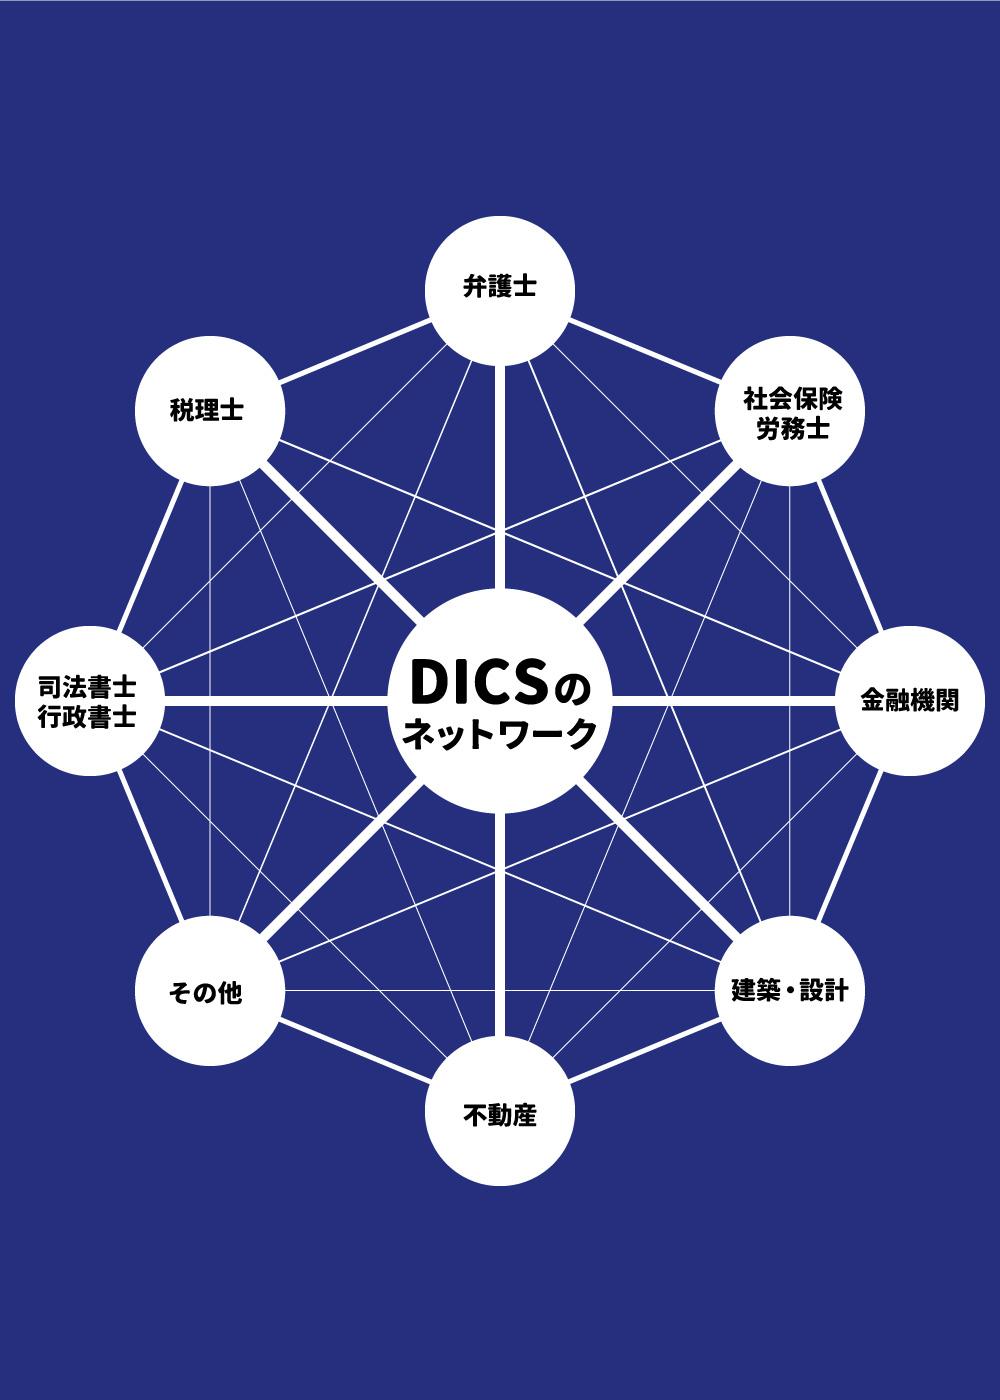 DICSのネットワーク